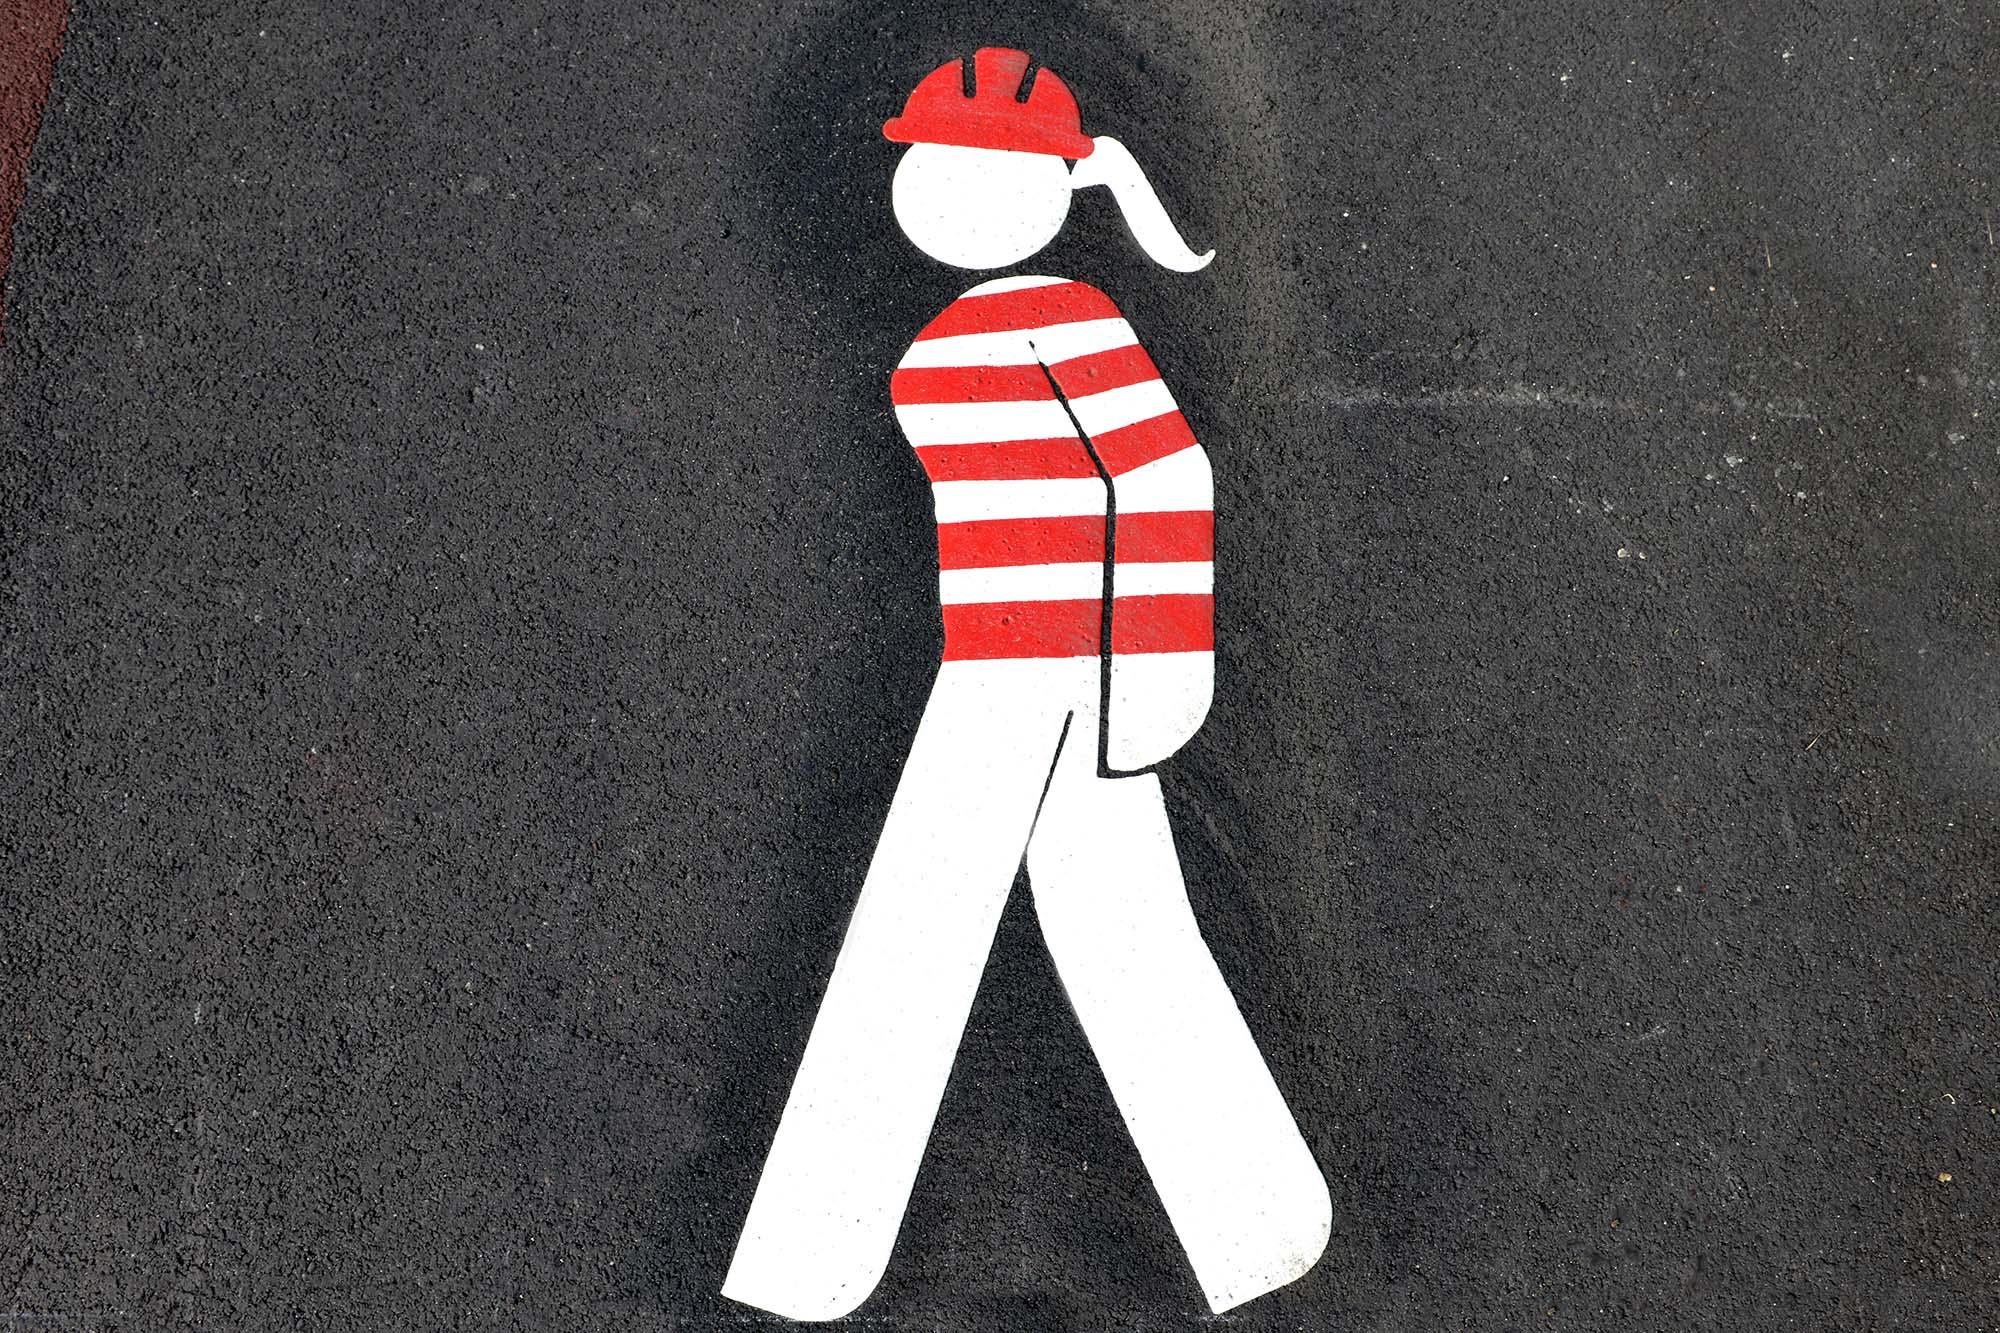 Des pictogrammes à l'image de la vie industrielle. (©Ville de Saint-Nazaire - Martin Launay)